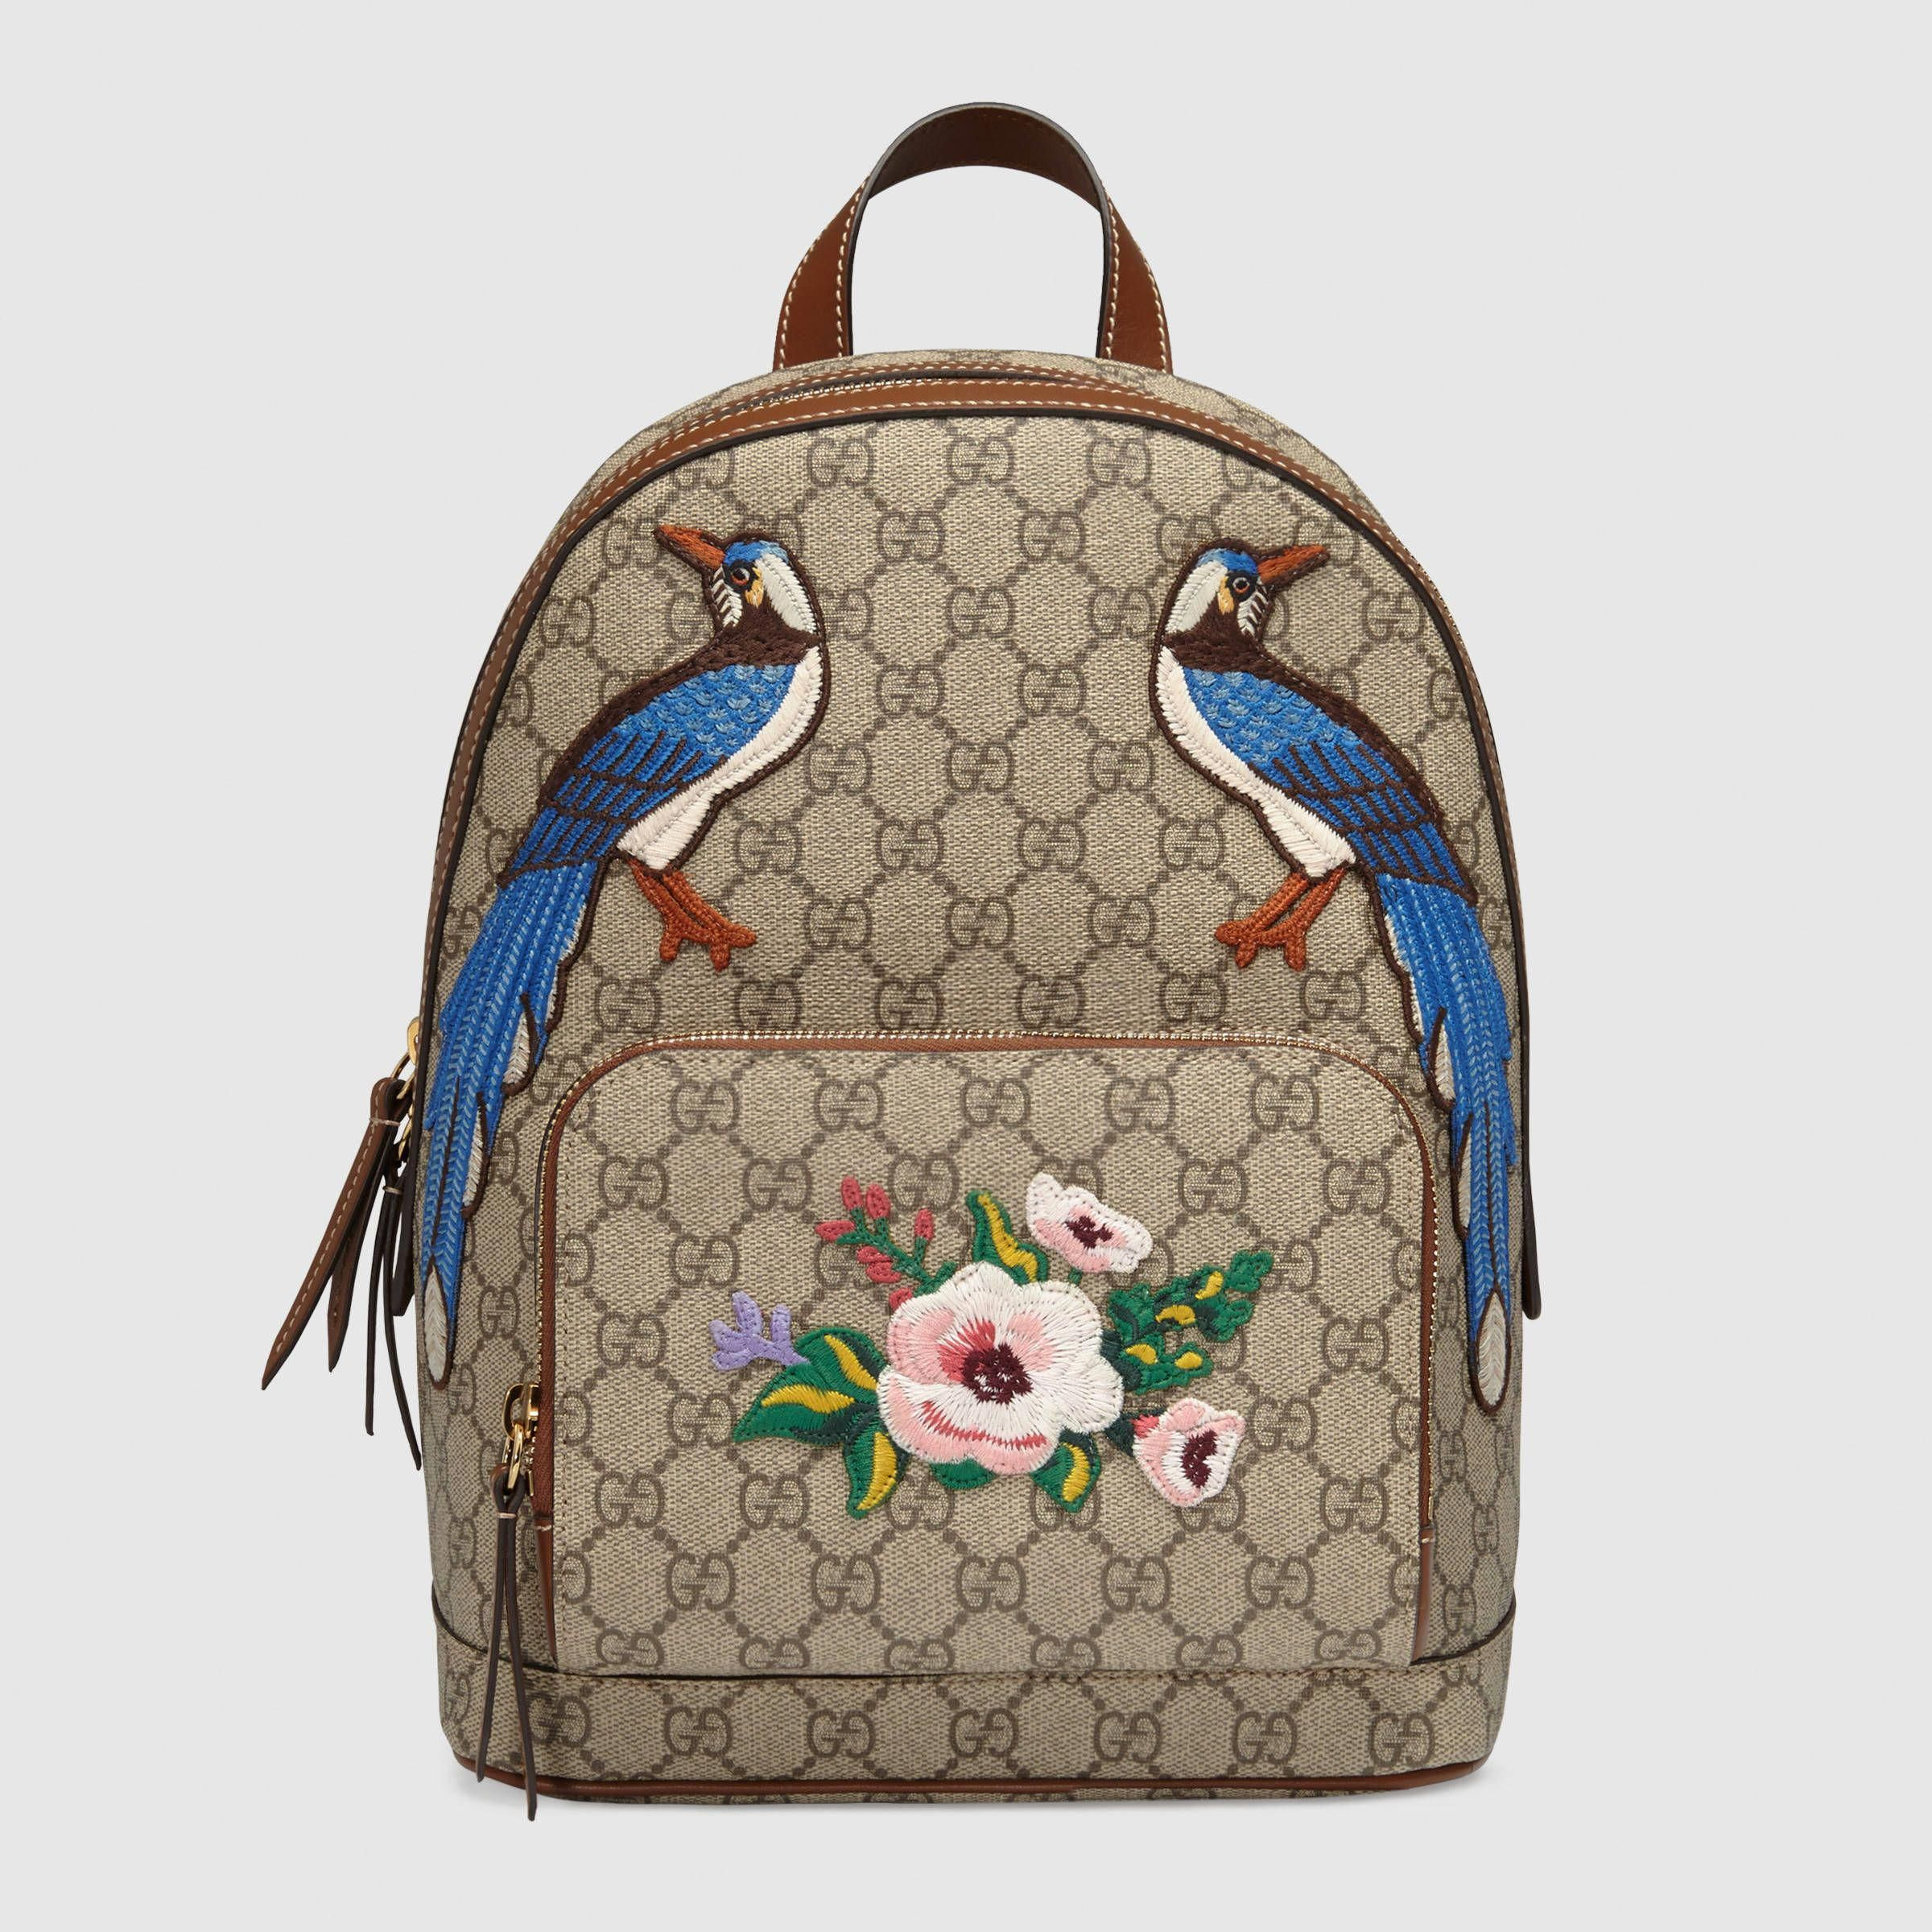 6c22ebb42 Gucci Garden: The Souvenir Collection - Gucci Handbags 427042K8KRG8531 # Guccihandbags